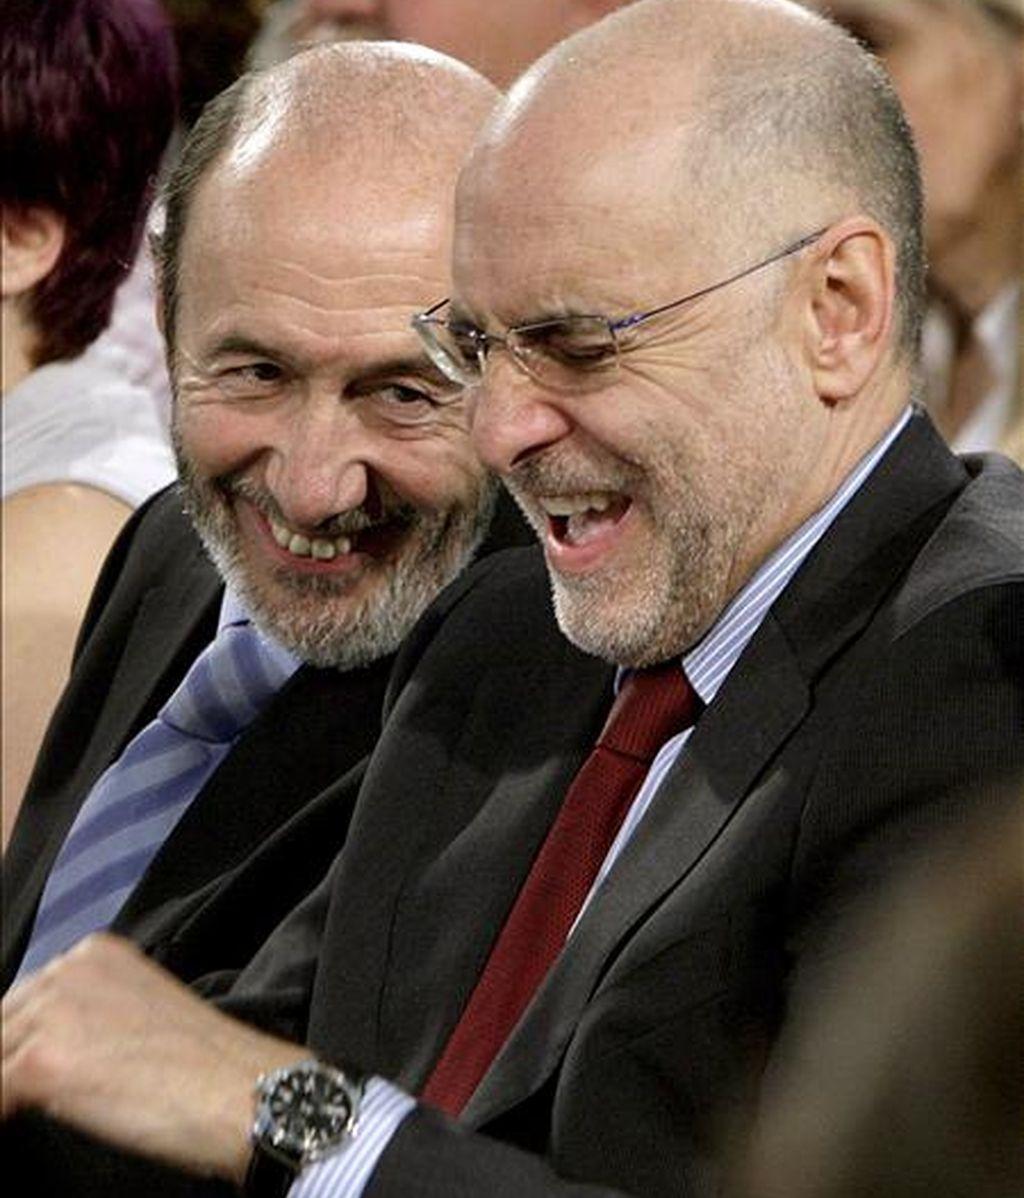 El ministro del Interior, Alfredo Pérez Rubalcaba (i), y el consejero de Interior del Gobierno Vasco, Rodolfo Ares, bromean durante el acto electoral del PSE-EE celebrado en Bilbao. EFE/Archivo